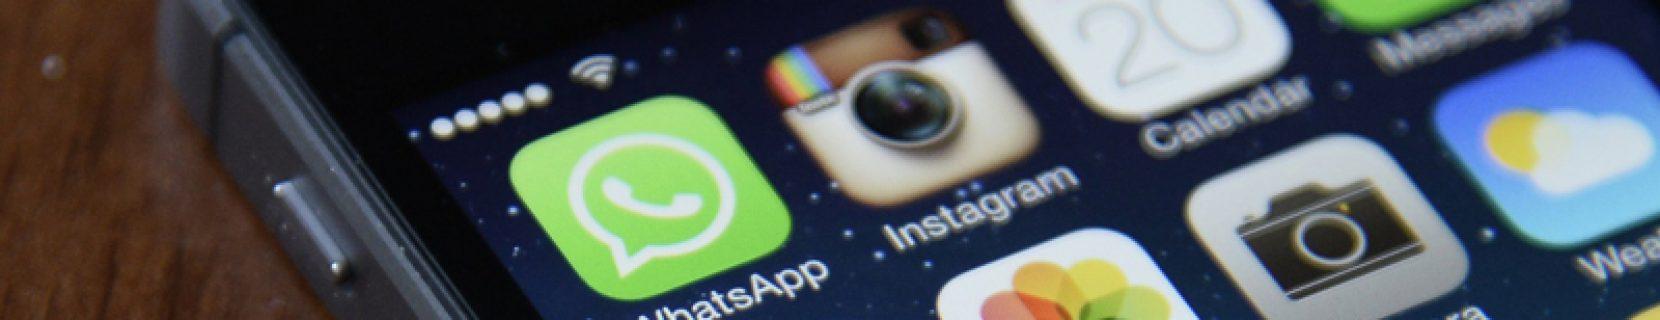 Στ. Σκλαβενίτης στο ΑΠΕ-ΜΠΕ: Αξιοποίηση των social media στην προβολή των επιχειρήσεων